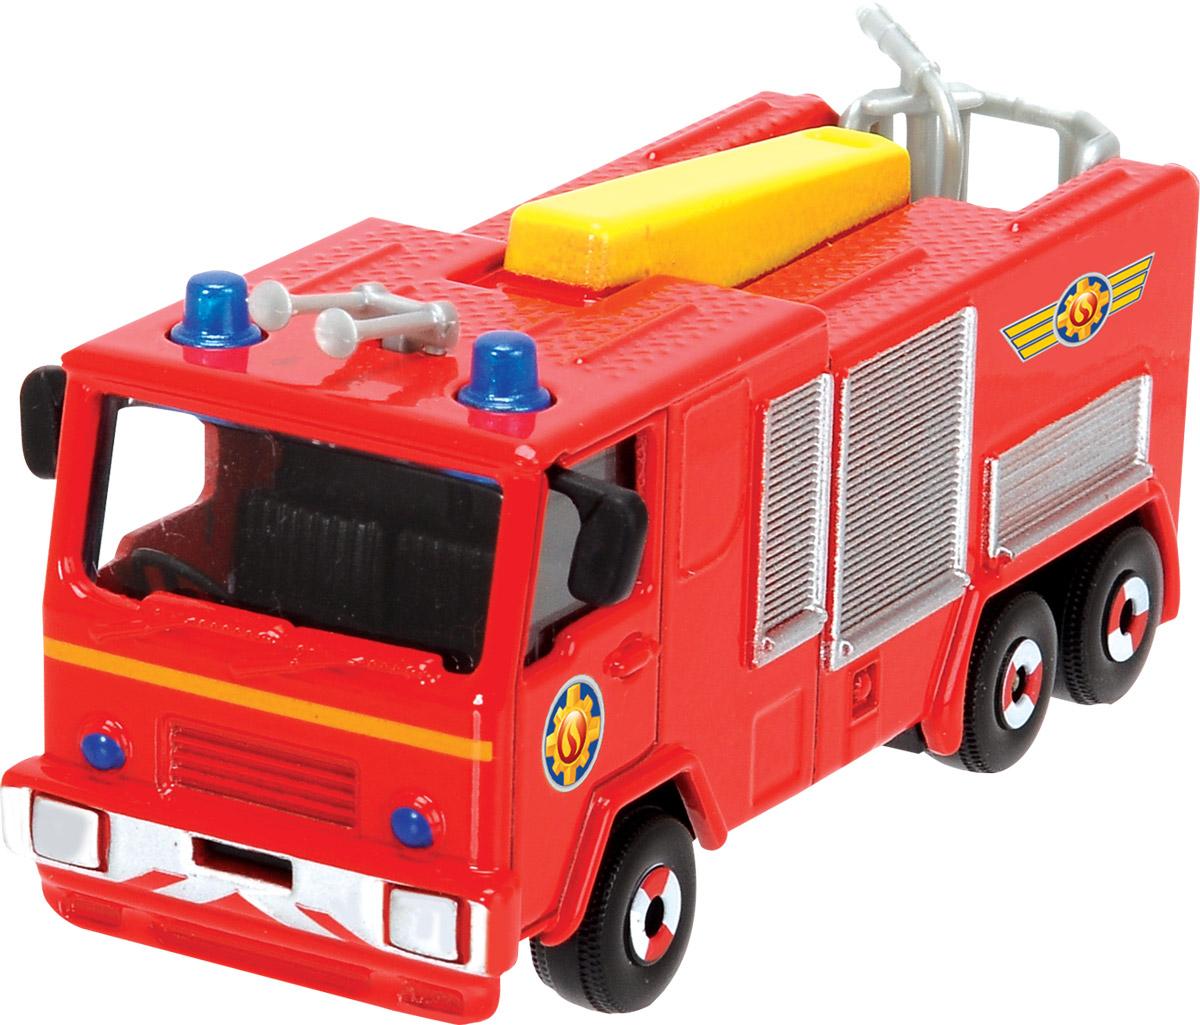 Dickie Toys Пожарная машинка Jupiter3093000Главный элемент технического оснащения пожарной команды - конечно, красная пожарная машина! Пожарная машина Dickie Toys Jupiter выполнена в реалистичном стиле и оснащена декоративными элементами - парой синих маячков, брандспойтом, окошками, закрытыми жалюзи. Кабина застеклена. Имеются 3 пары колес. Машинка изготовлена из прочных, качественных и безопасных материалов, аккуратно раскрашена яркими красками. Пополните коллекцию моделей пожарной техники другими игрушками из серии Пожарный Сэм и организуйте собственную пожарную станцию!